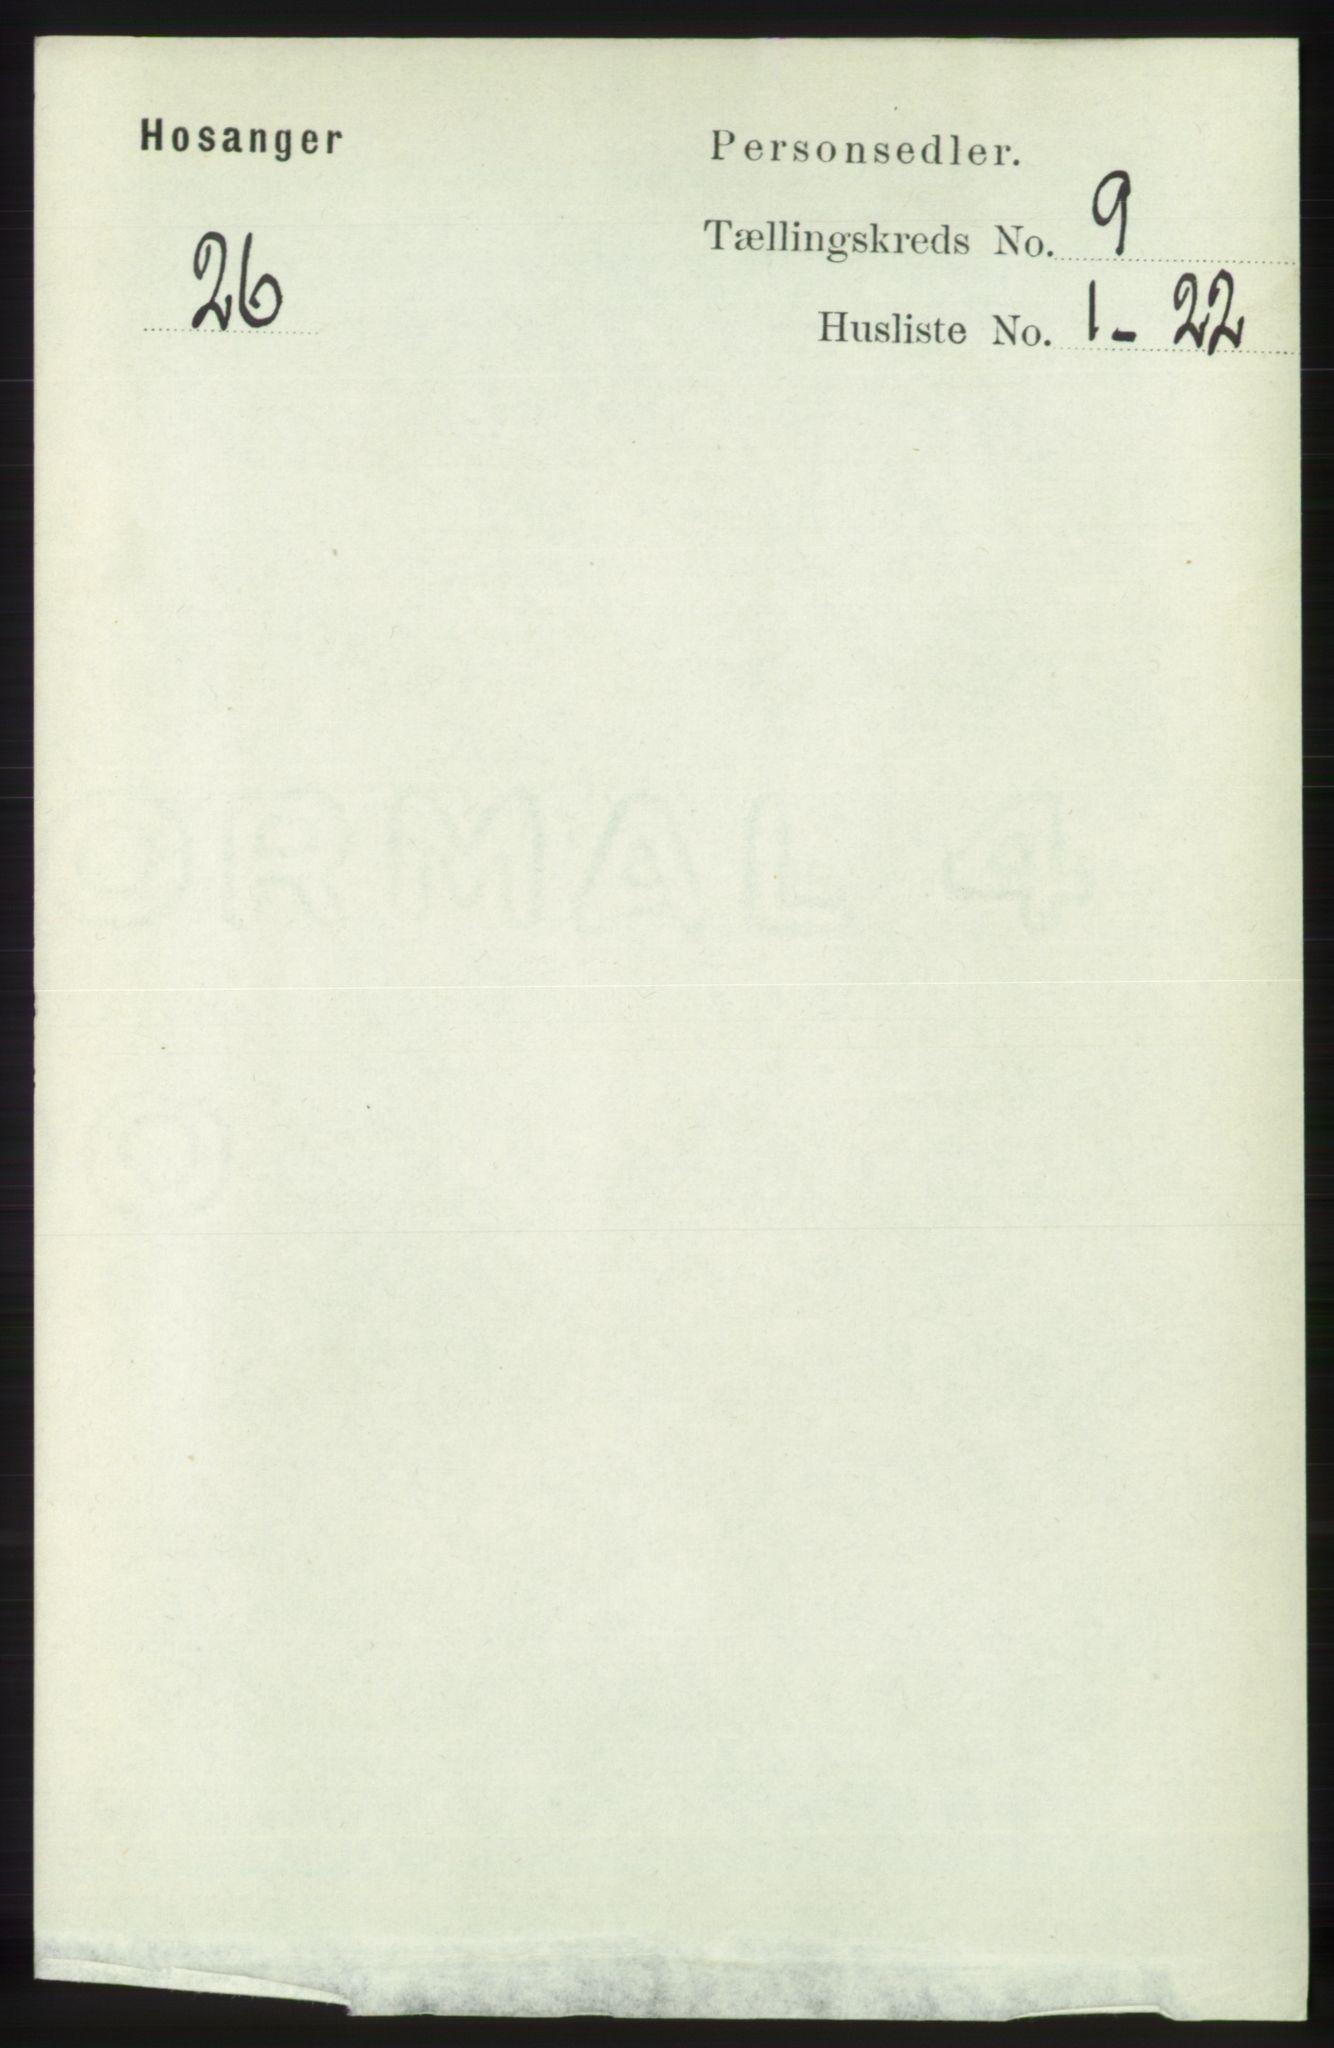 RA, Folketelling 1891 for 1253 Hosanger herred, 1891, s. 3292